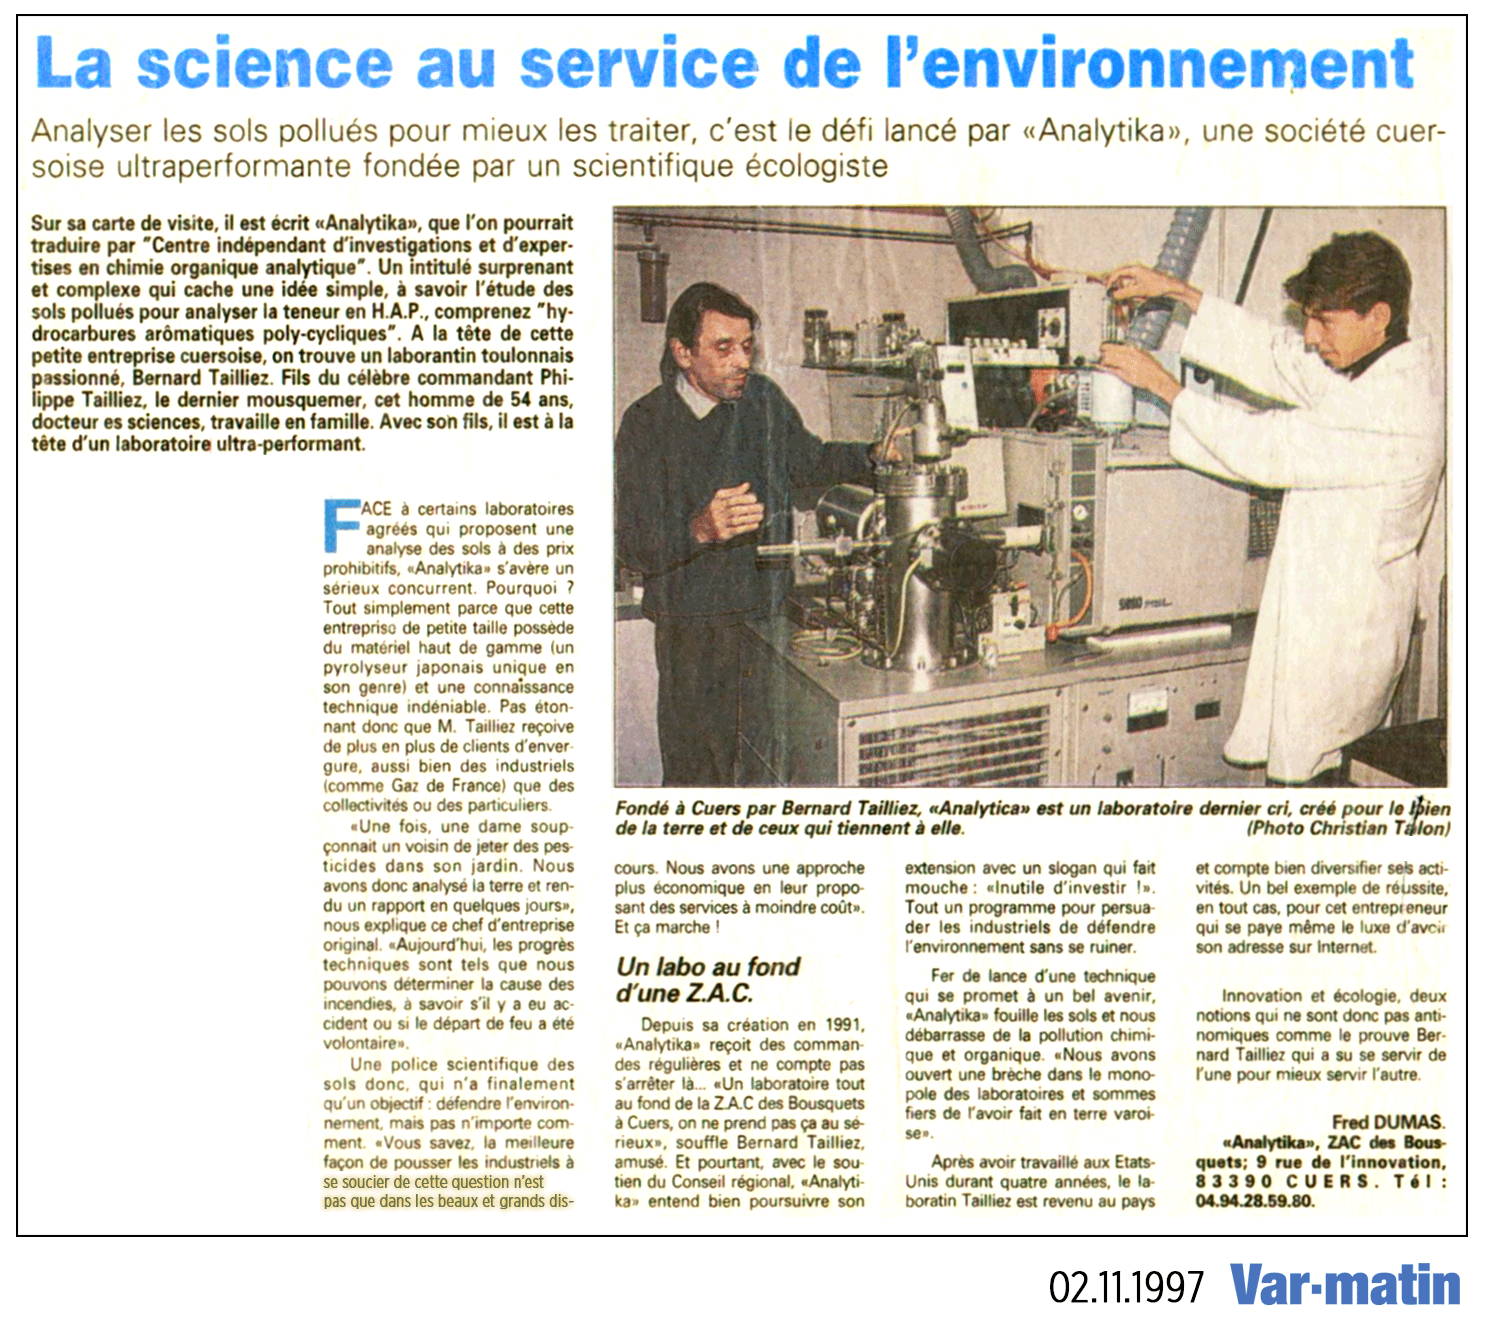 """02.11.1997 > VAR MATIN : """"La science au service de l'Environnement"""""""